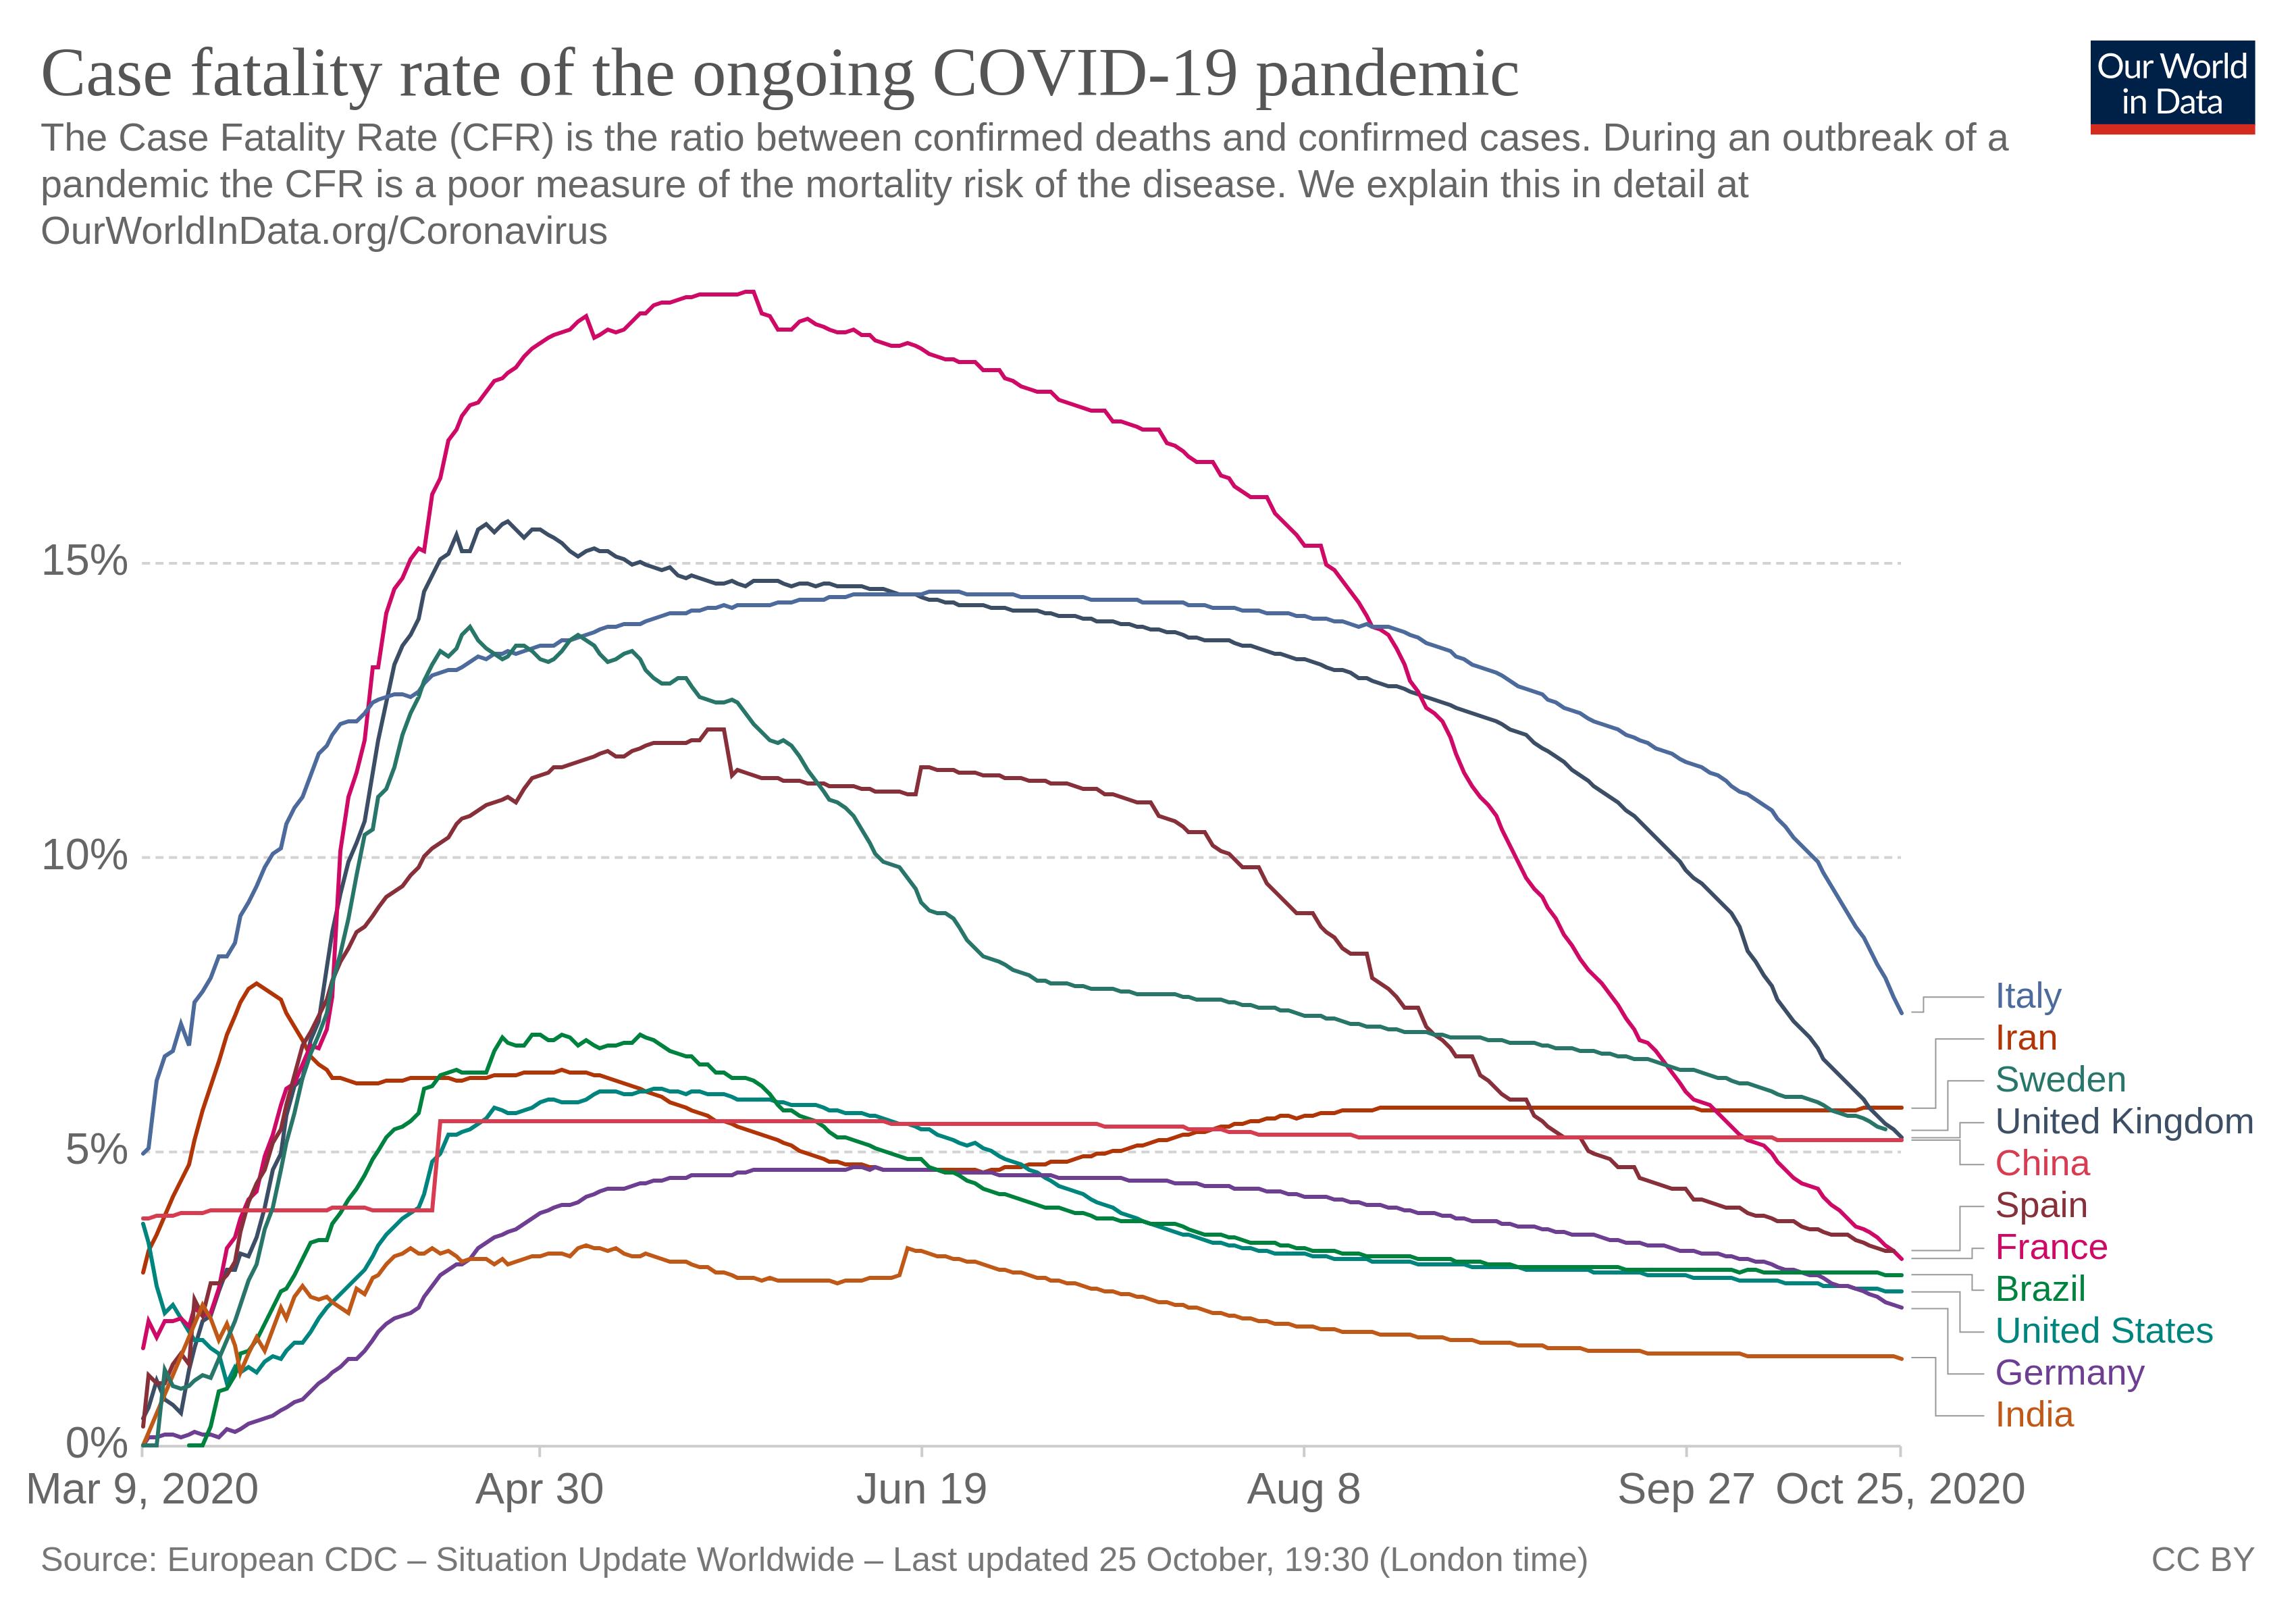 نمودار۲ - مقایسه نسبت مرگ و میر در اثر کووید-۱۹ به مبتلایان در ایران با برخی کشورهای دیگر